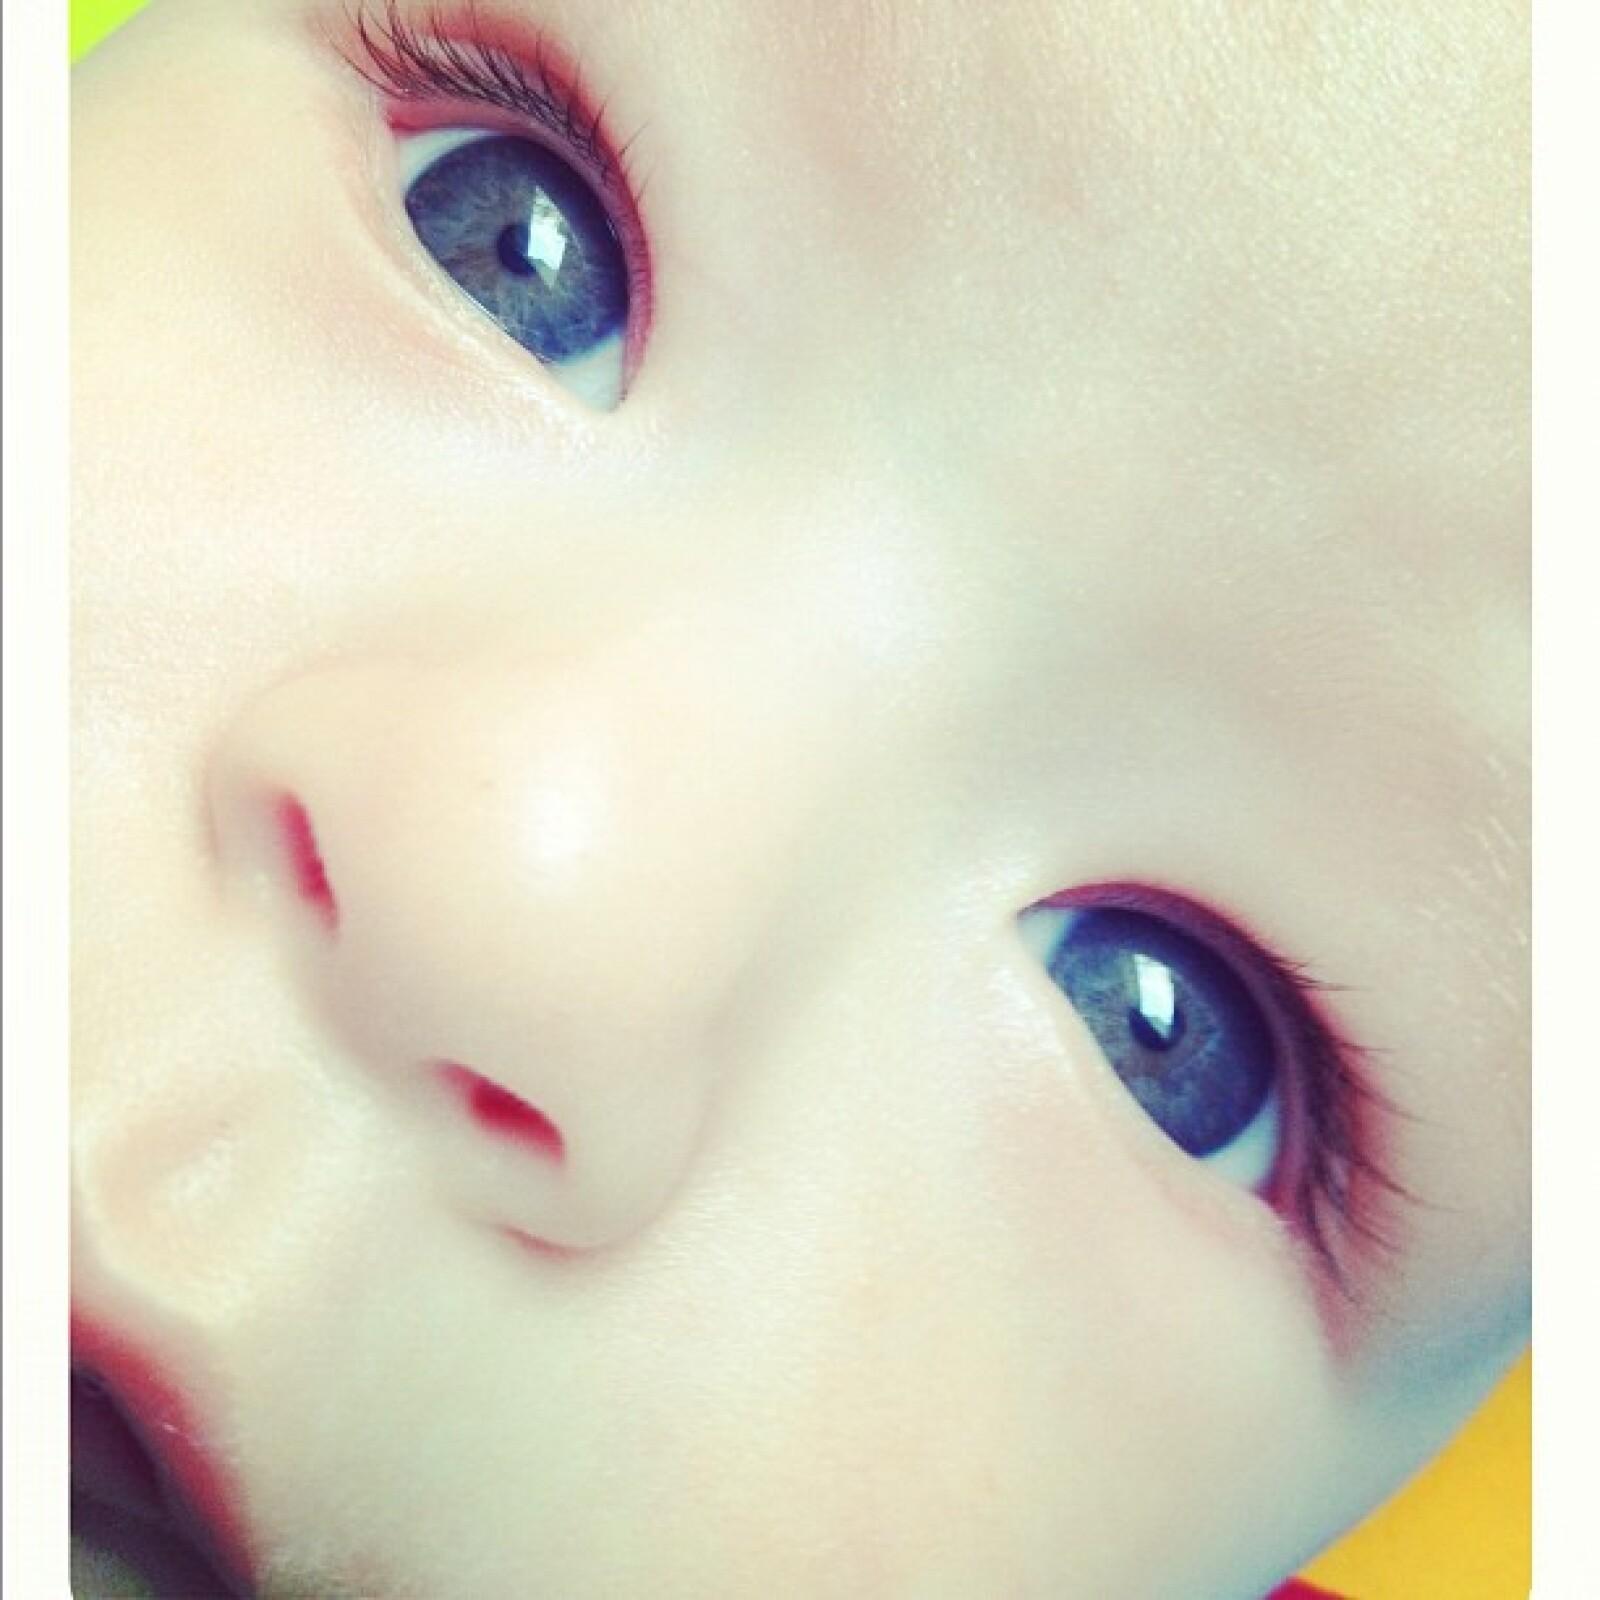 Los ojos del pequeño Mateo.